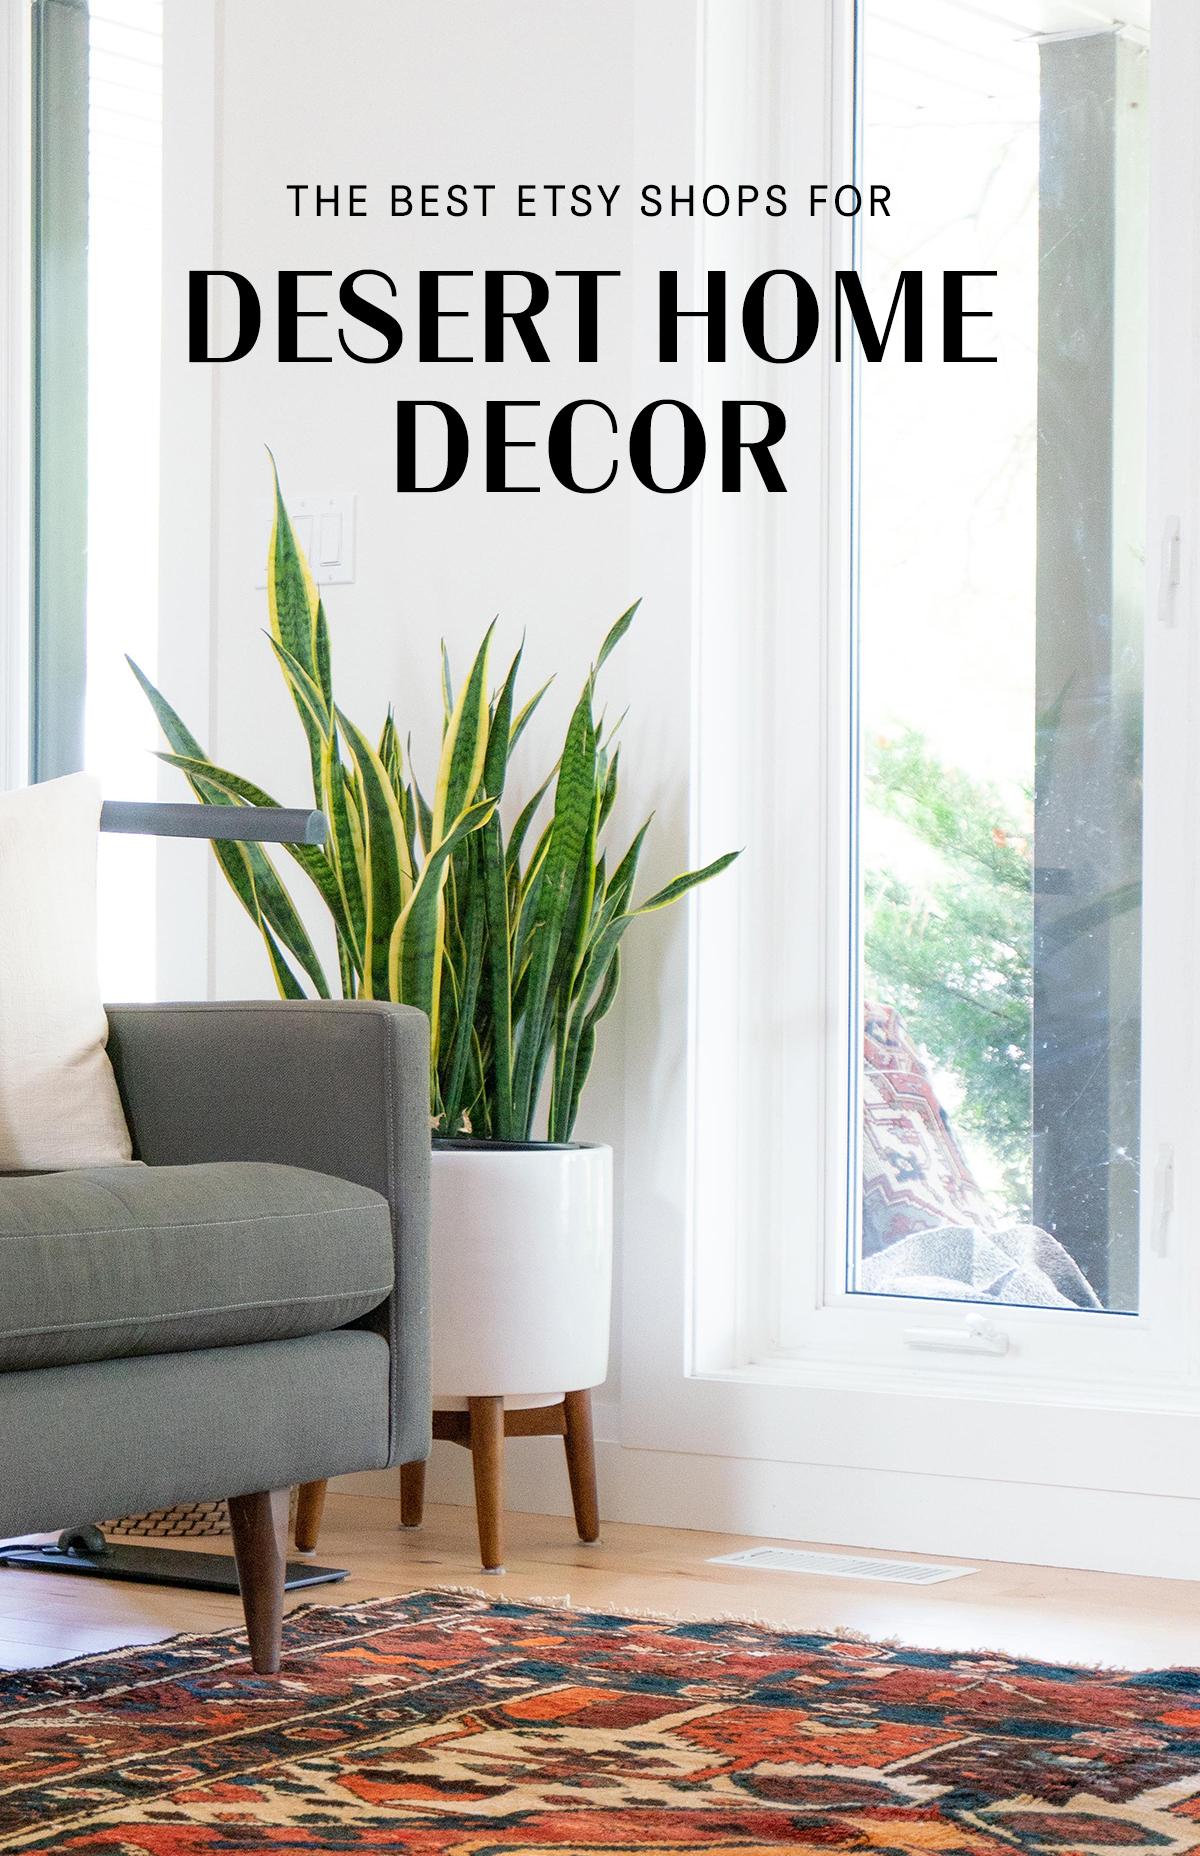 4dac54ad82920 The Best Etsy Shops for Desert Home Decor — Chrissi Hernandez